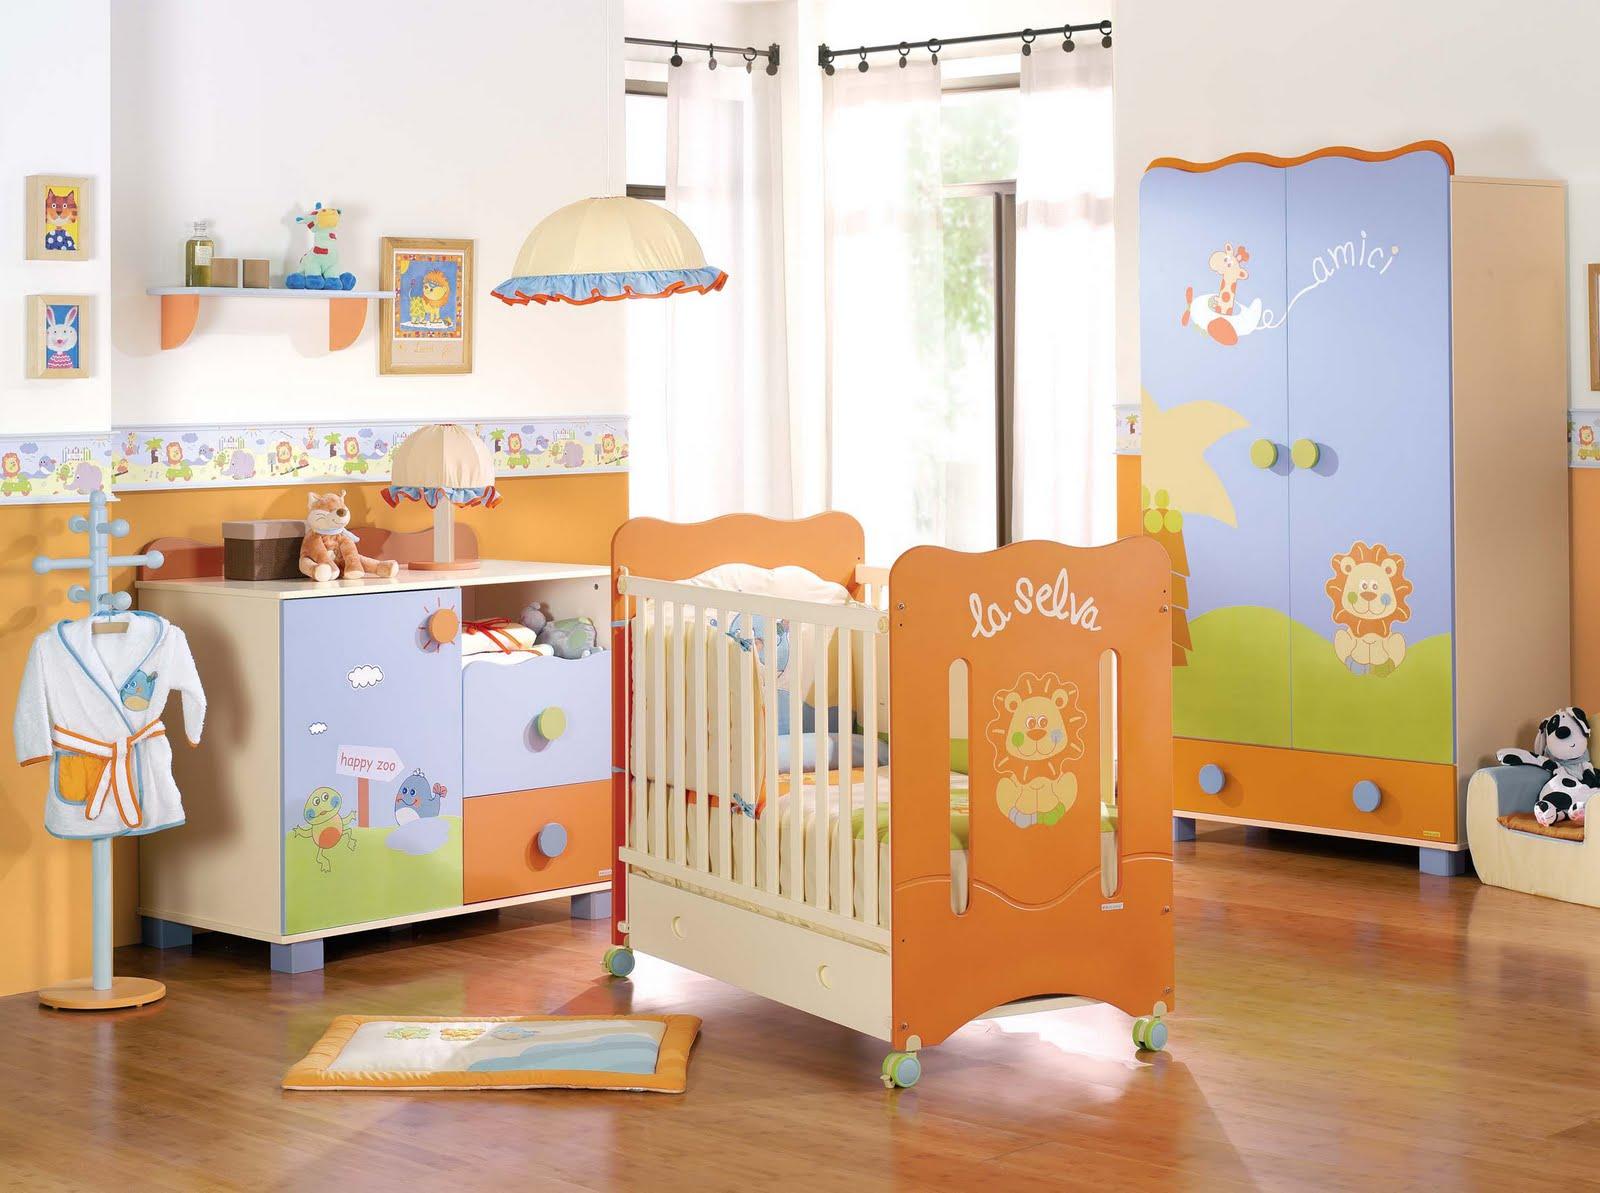 Mobiliario bebe online mobiliario juvenil infantil crian a - Mobiliario habitacion bebe ...